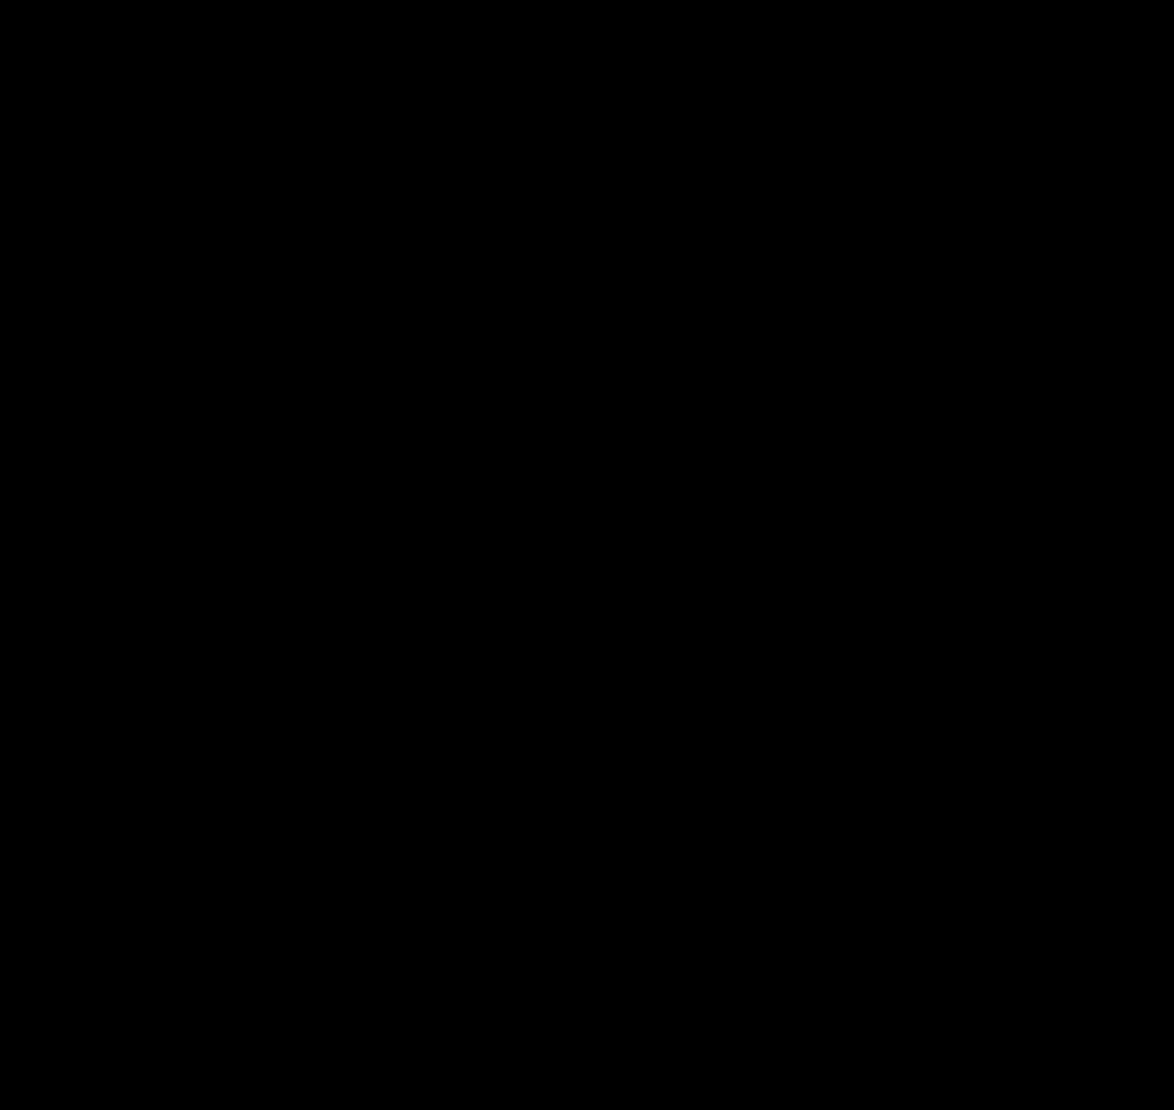 2-Phenylaminopyrimidine-5-boronic acid pinacol ester